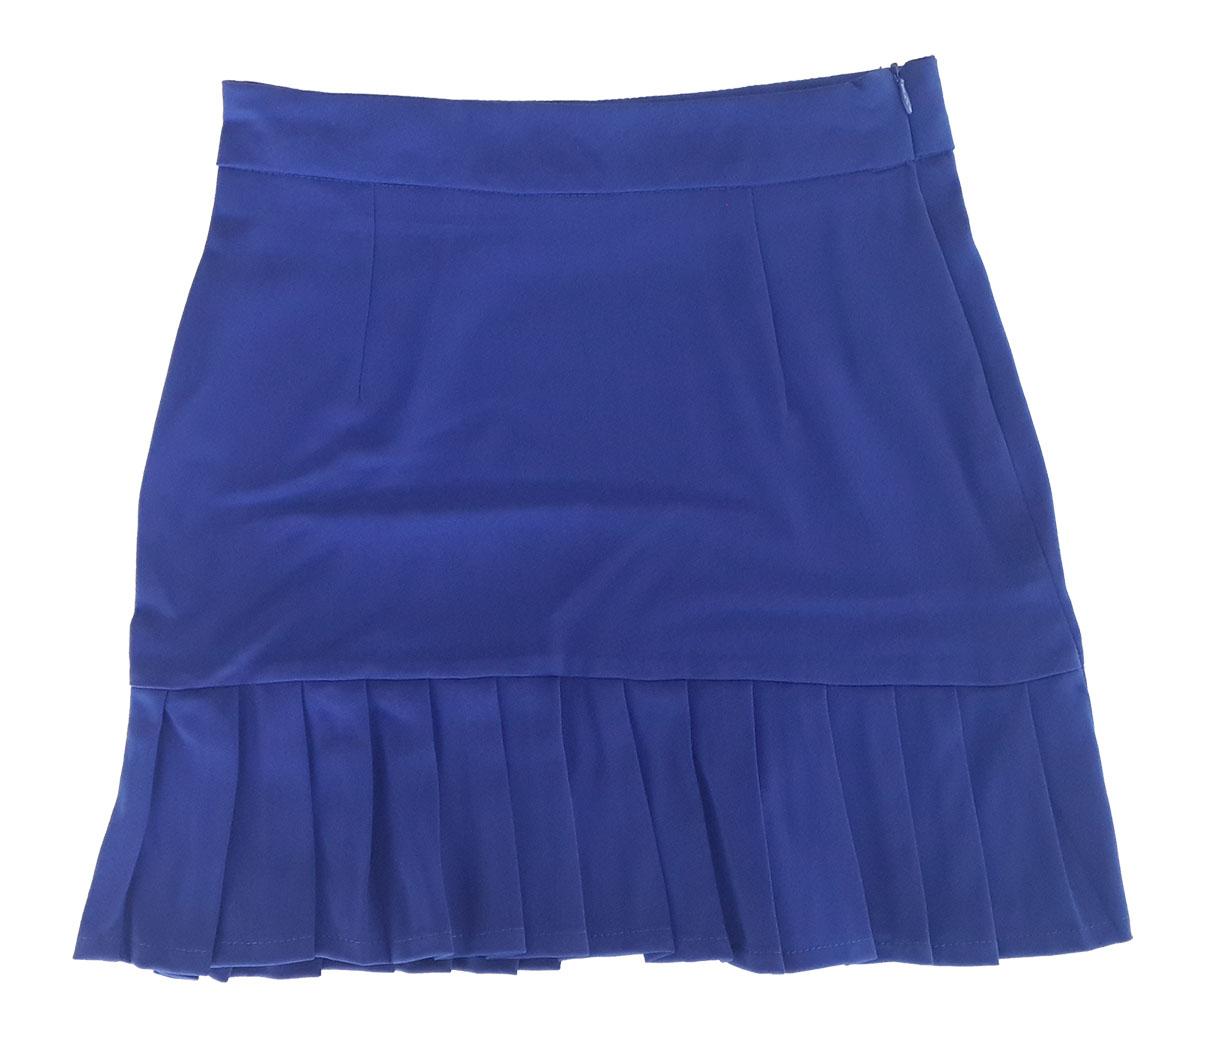 กระโปรงปลายจีบ ผ้าฮานาโกะ สีน้ำเงิน Size S M L XL